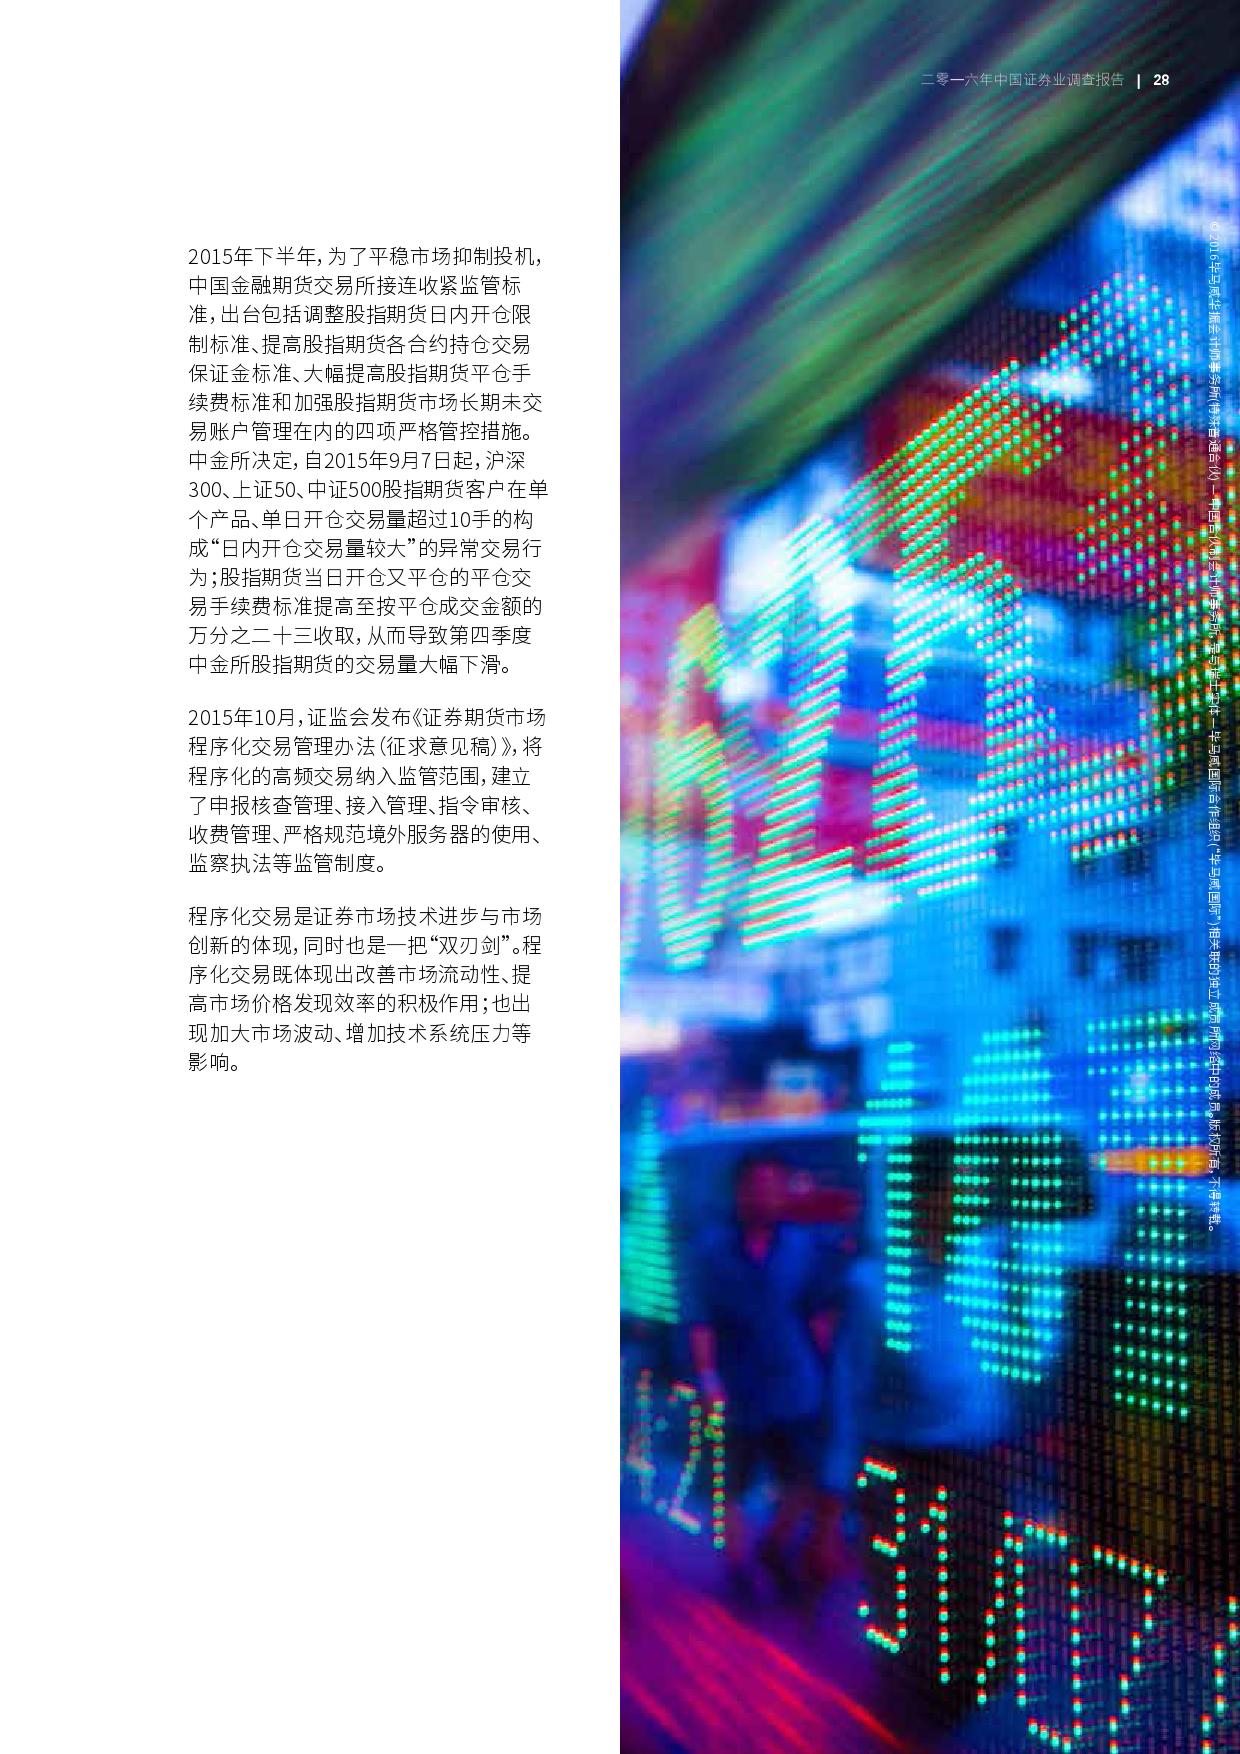 2016年中国证券业调查报告_000031